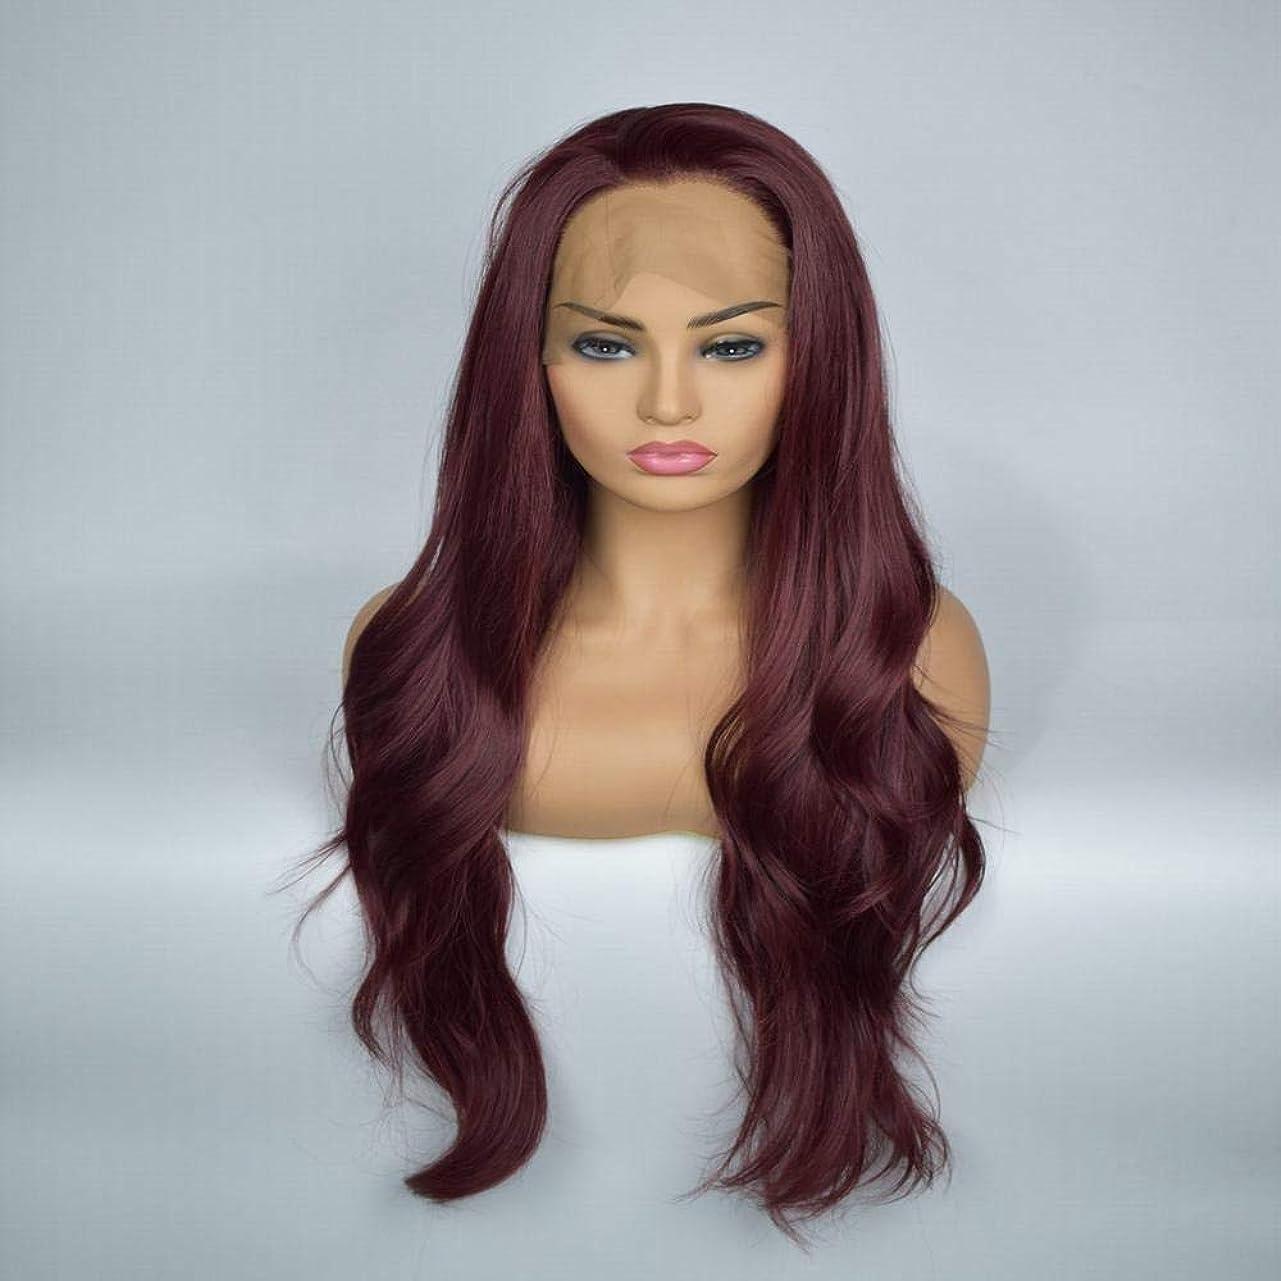 感情の視力ハイキングに行くBOBIDYEE ダークブラウンの女性の長い巻き毛の自然な合成レースフロントウィッグコスプレまたは毎日の合成ヘアレースかつらロールプレイングかつら (色 : Dark brown)